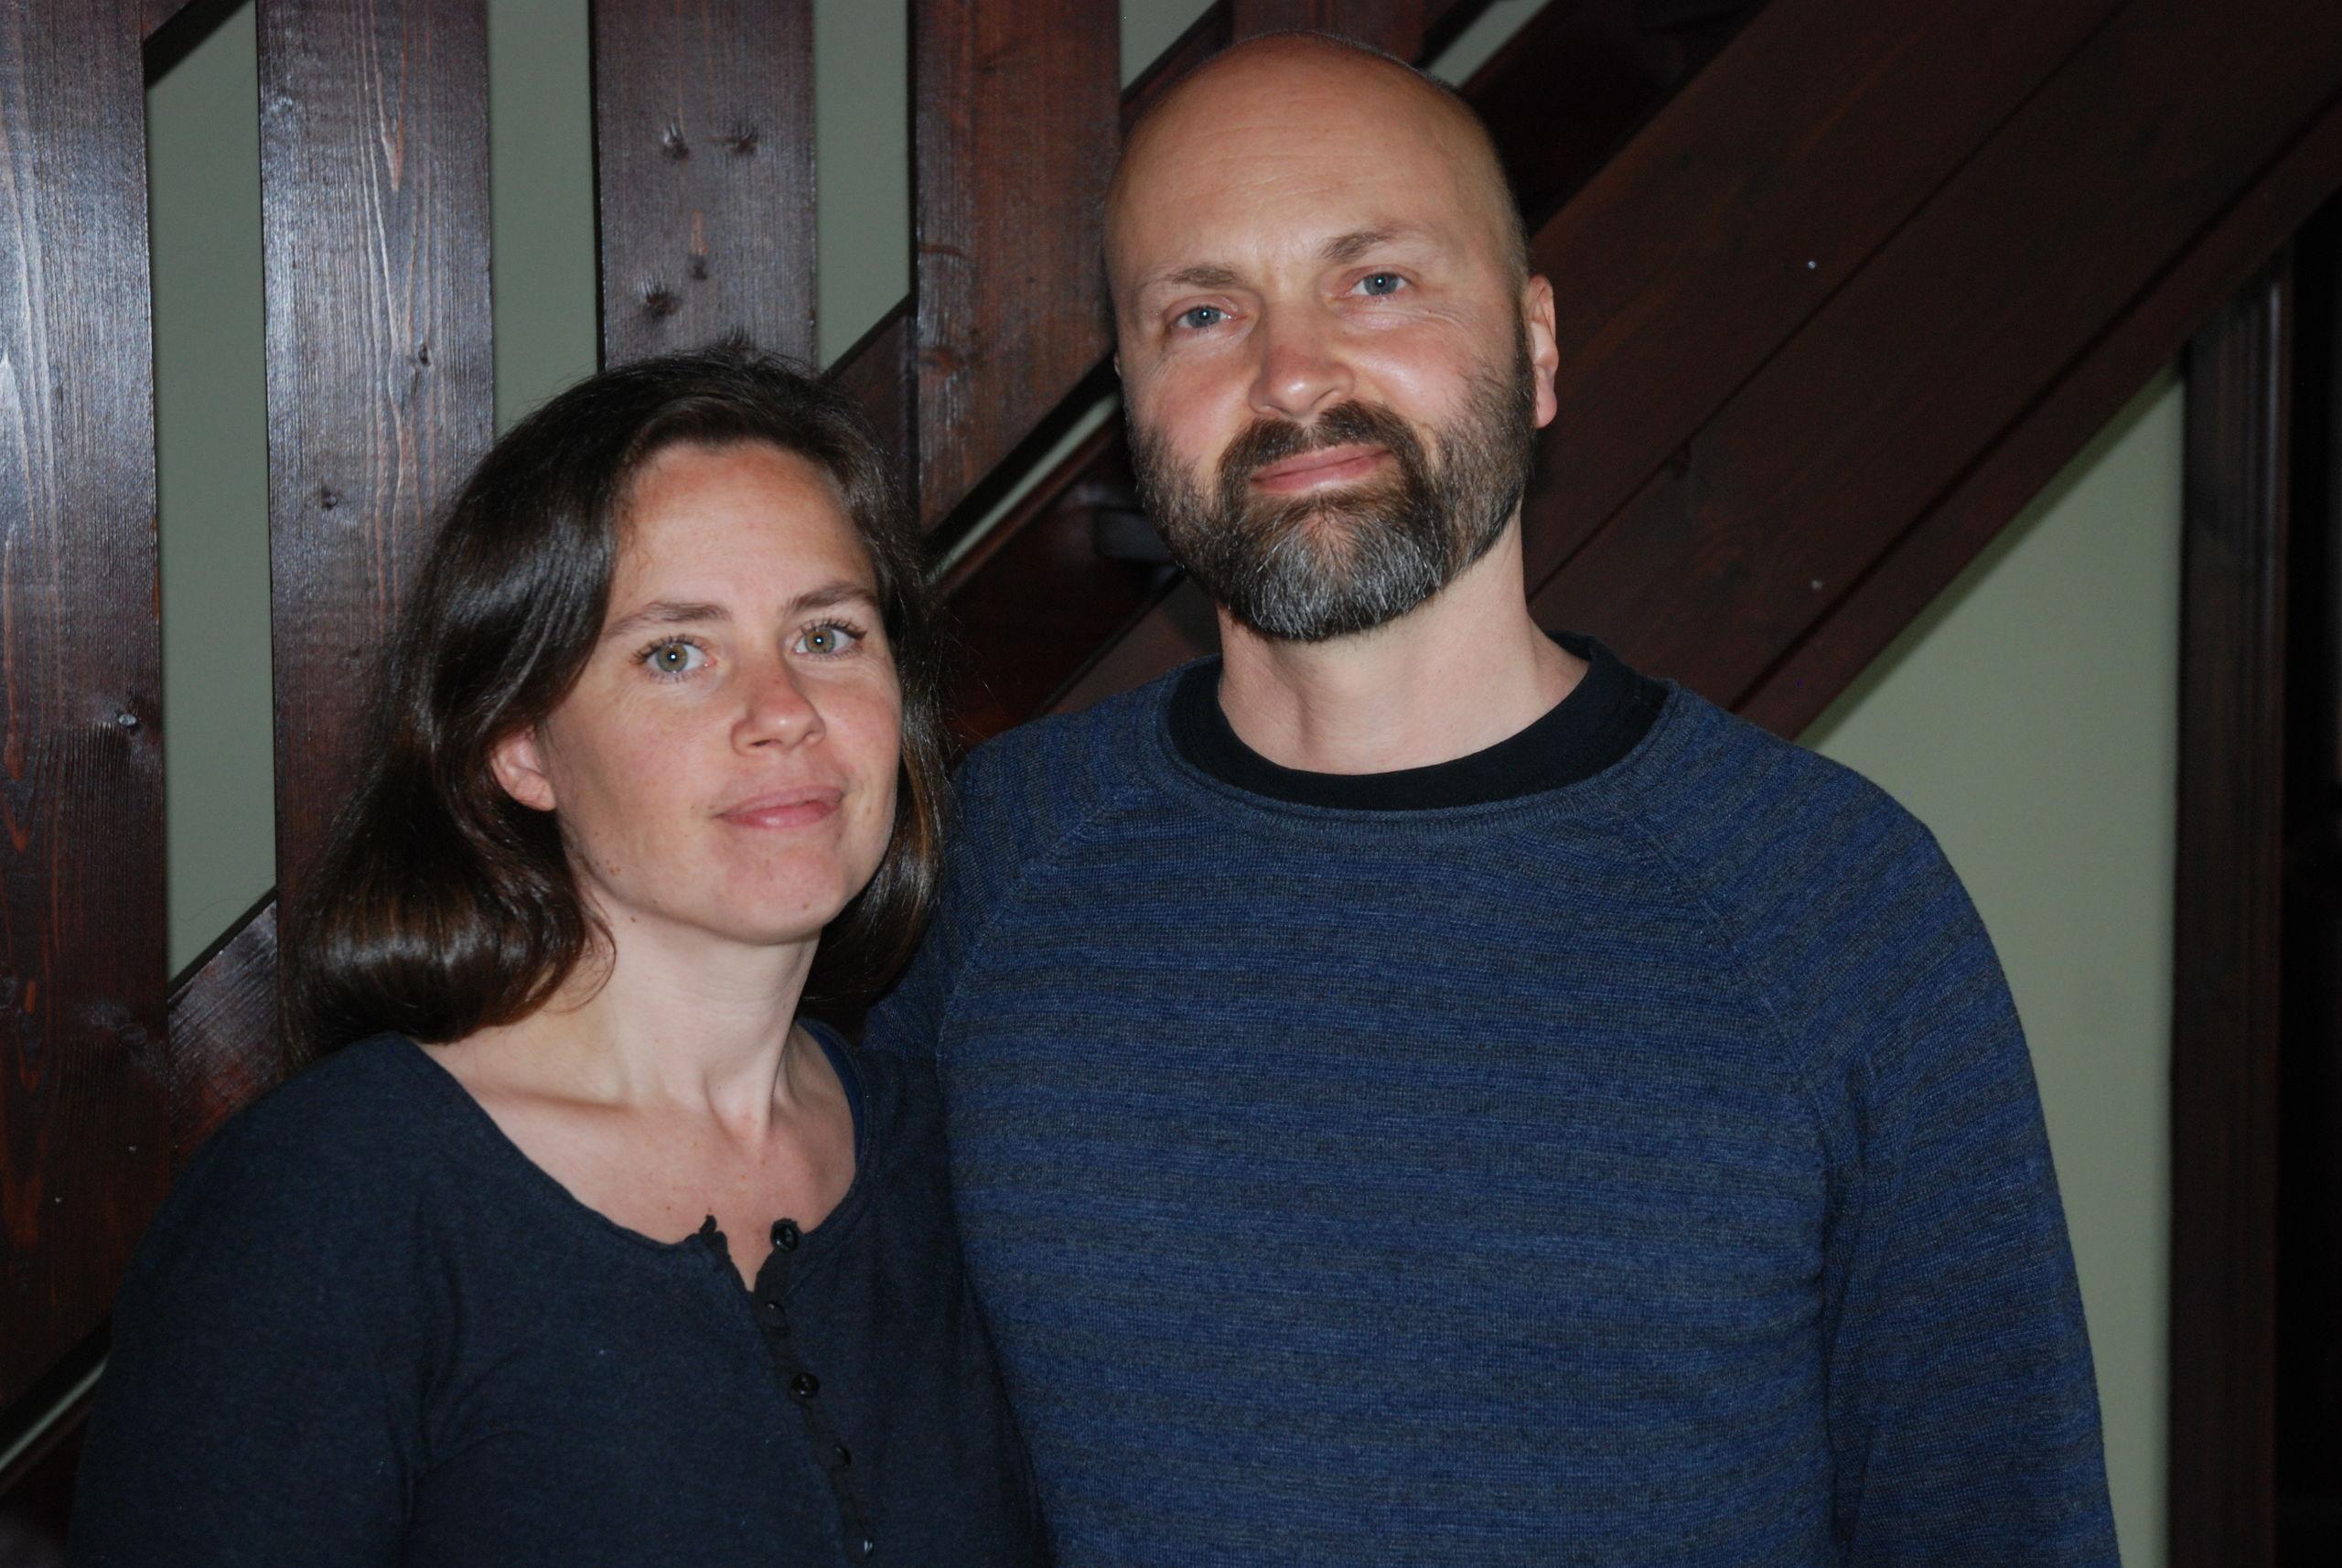 Frida och Robert hittade krleken med hjlp av yoga